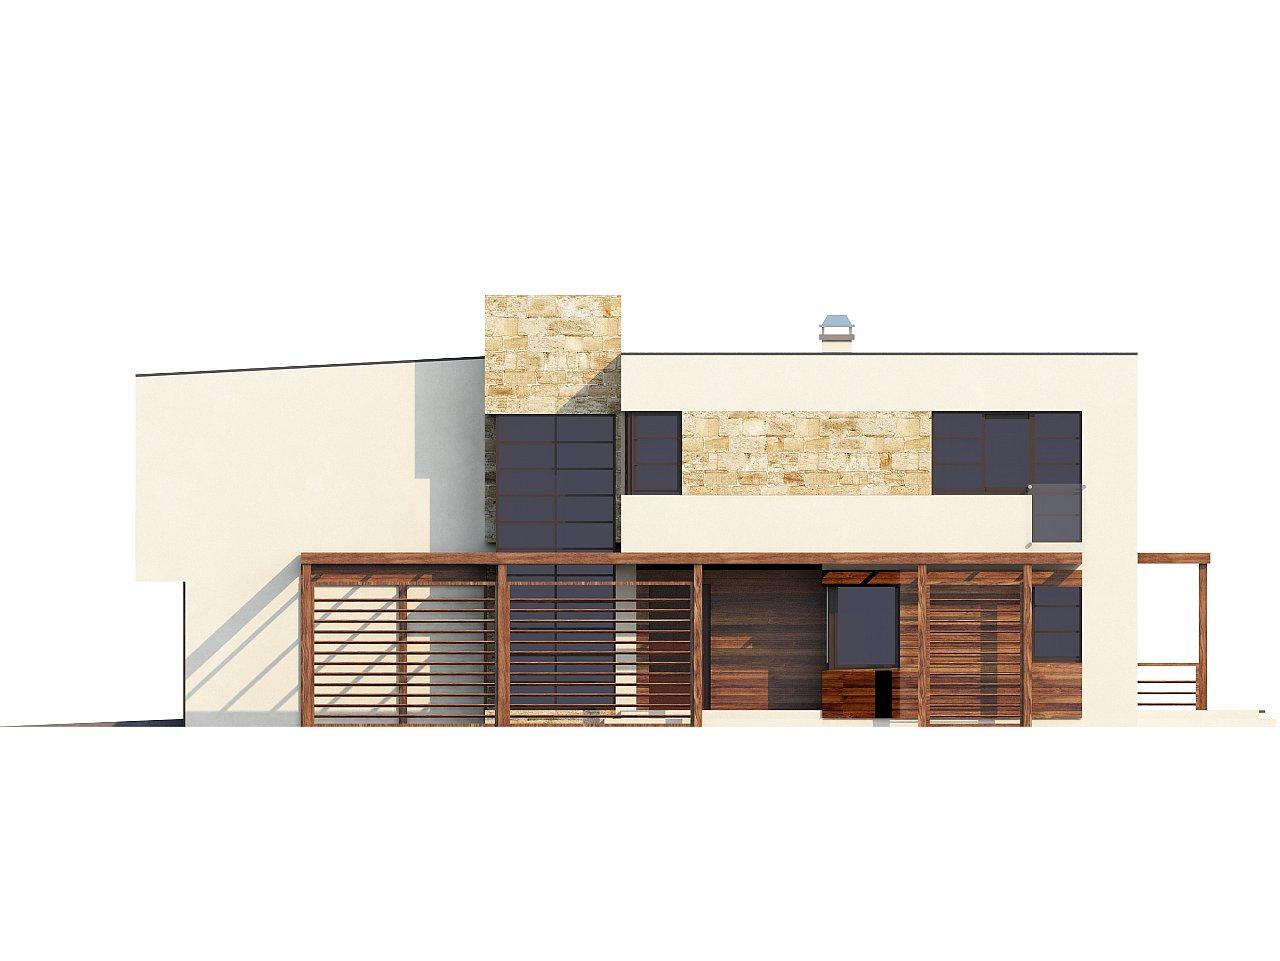 Двухэтажный дома в стиле модерн с практичным интерьером и гаражом для двух автомобилей. 9